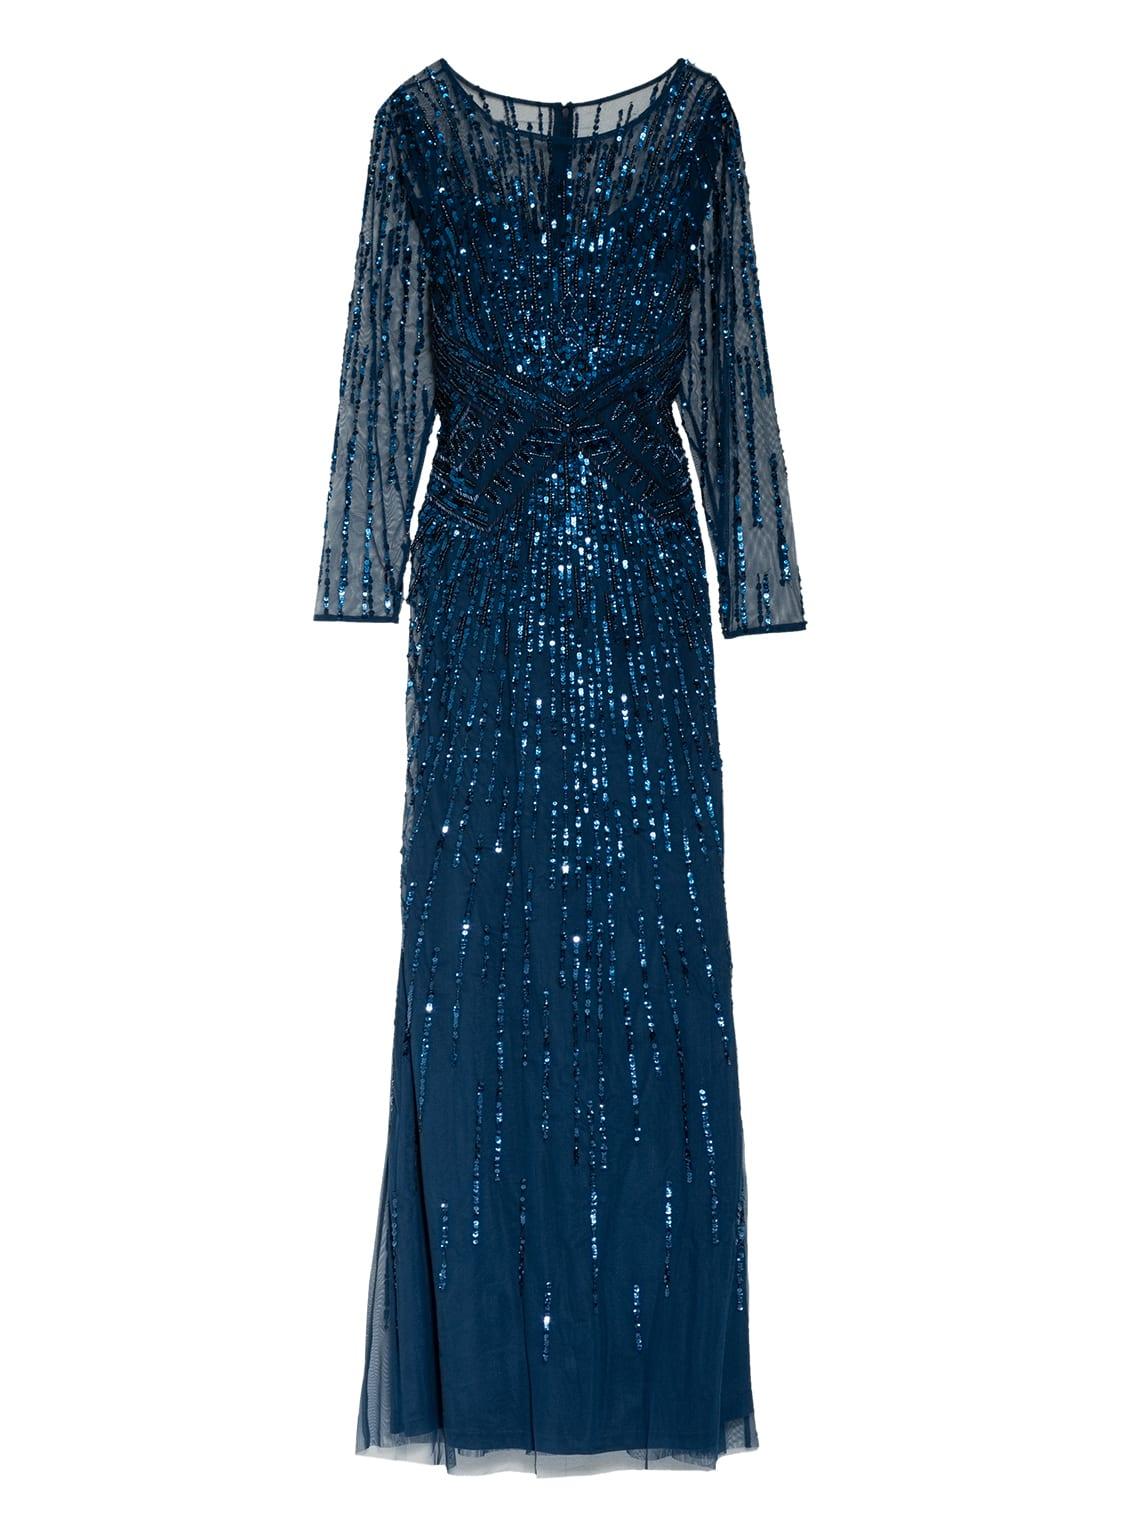 Image of Adrianna Papell Abendkleid Mit Schmucksteinbesatz blau